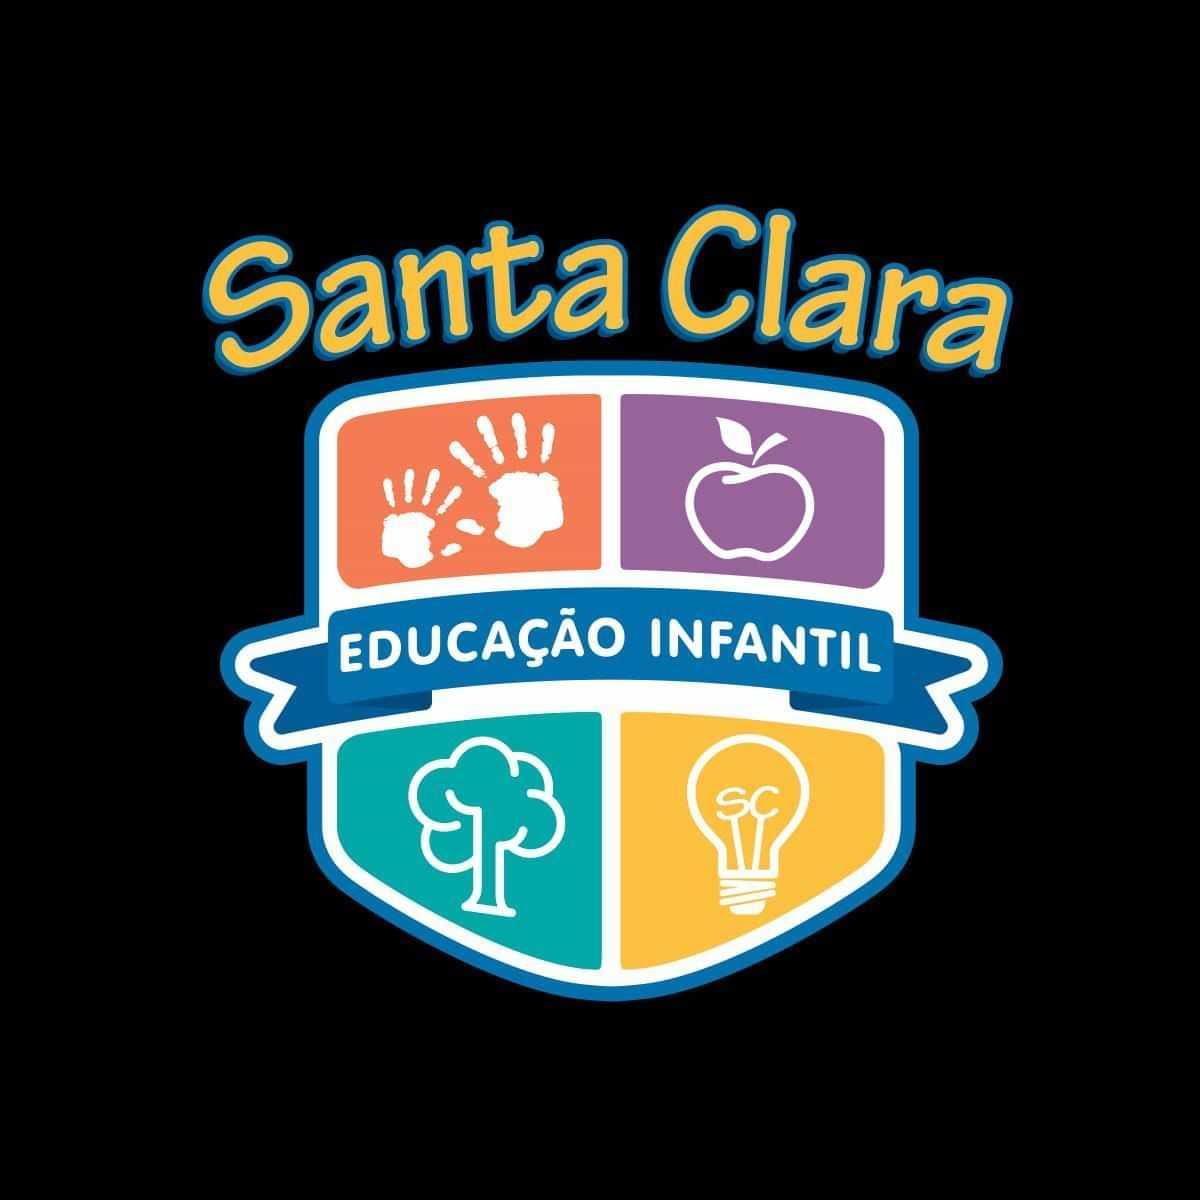 Santa Clara Educação Infantil